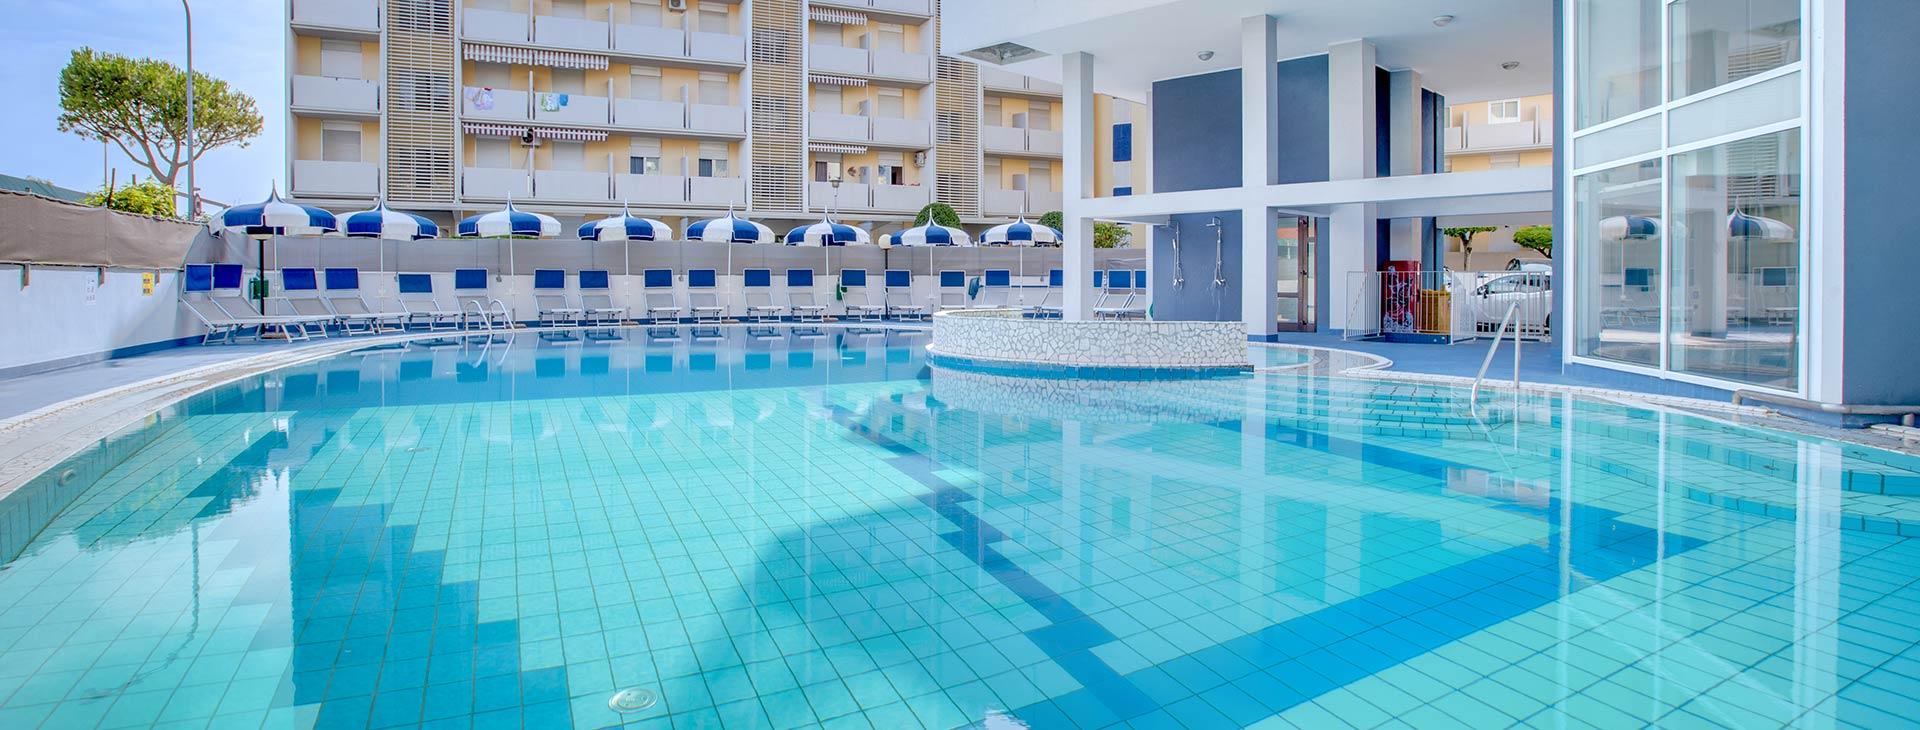 Hotel Con Spa A Caorle